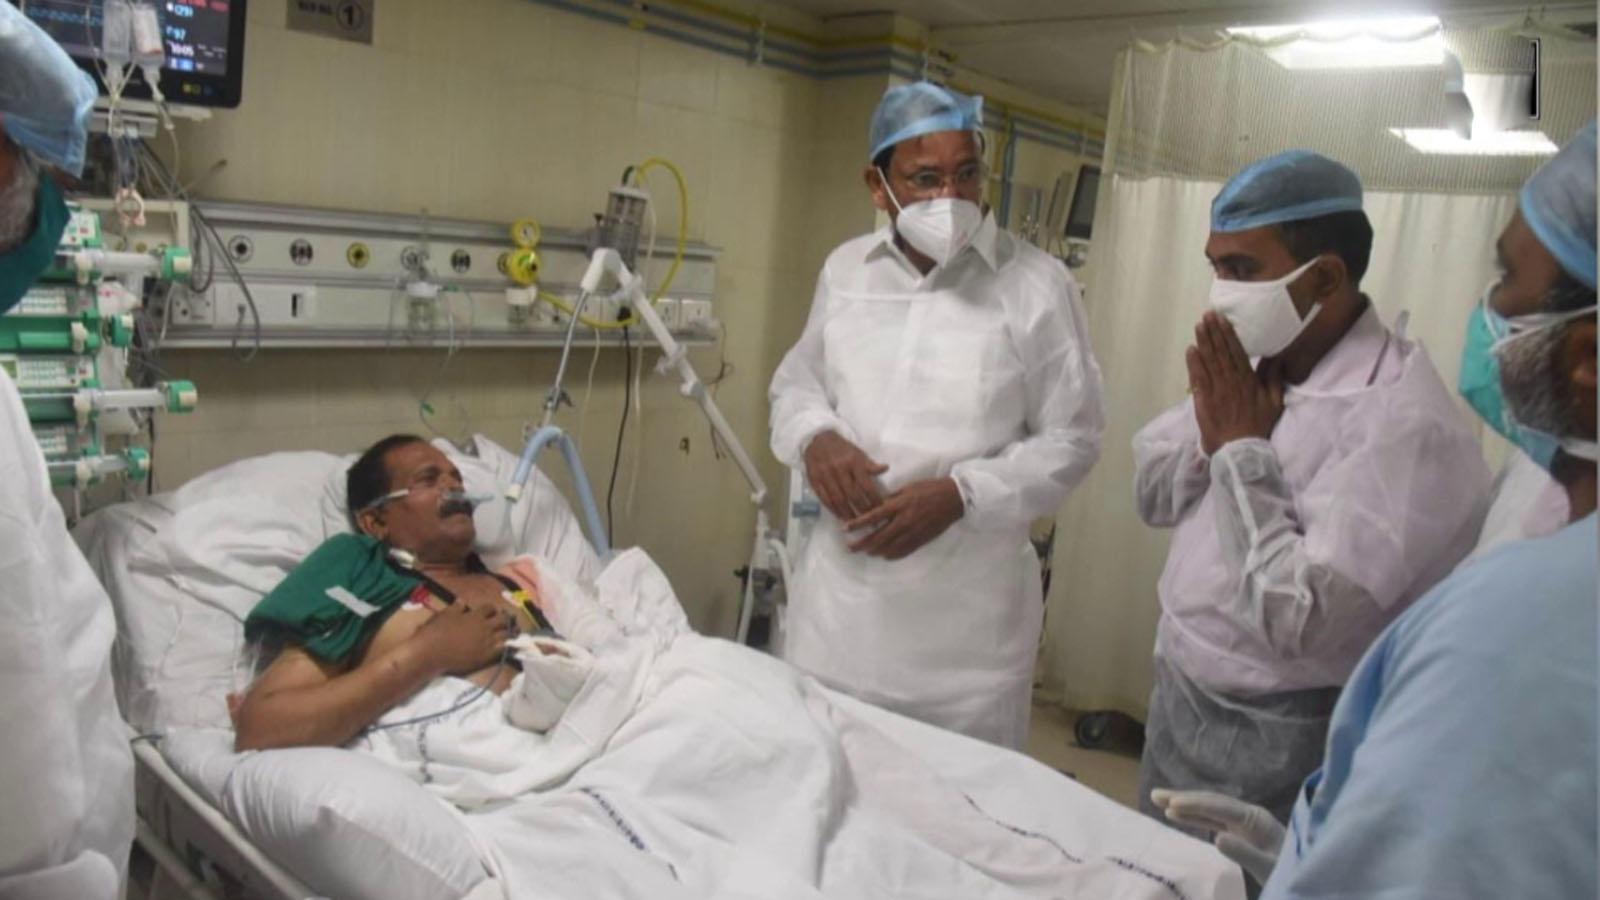 vp-naidu-meets-mos-shripad-naik-at-goa-medical-college